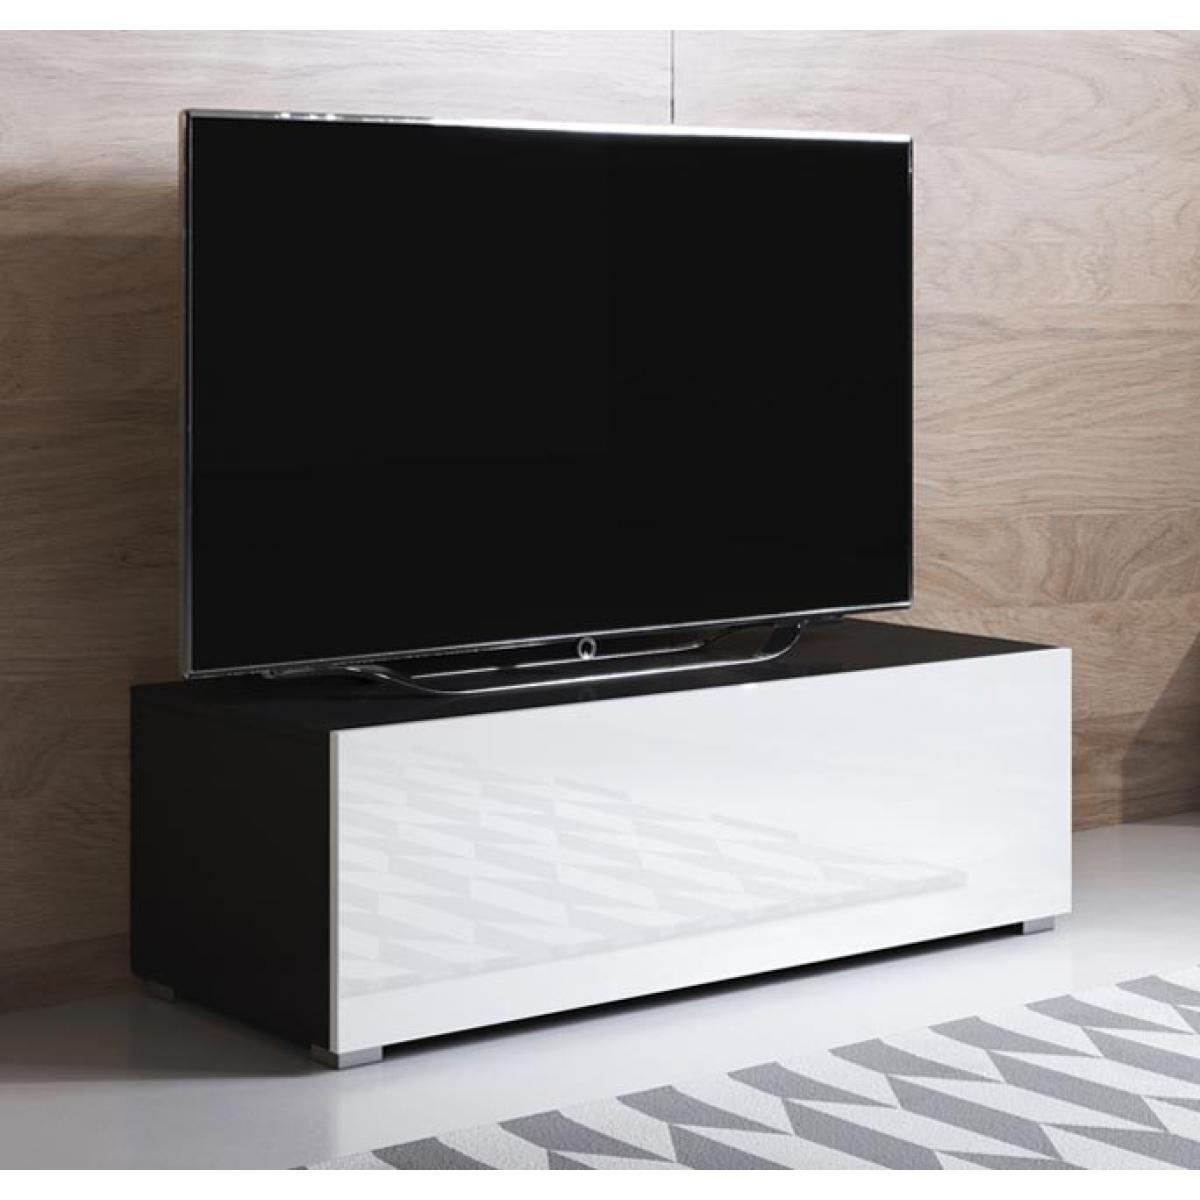 Design Ameublement Meuble TV modèle Luke H1 (100x32cm) couleur noir et blanc avec pieds standard